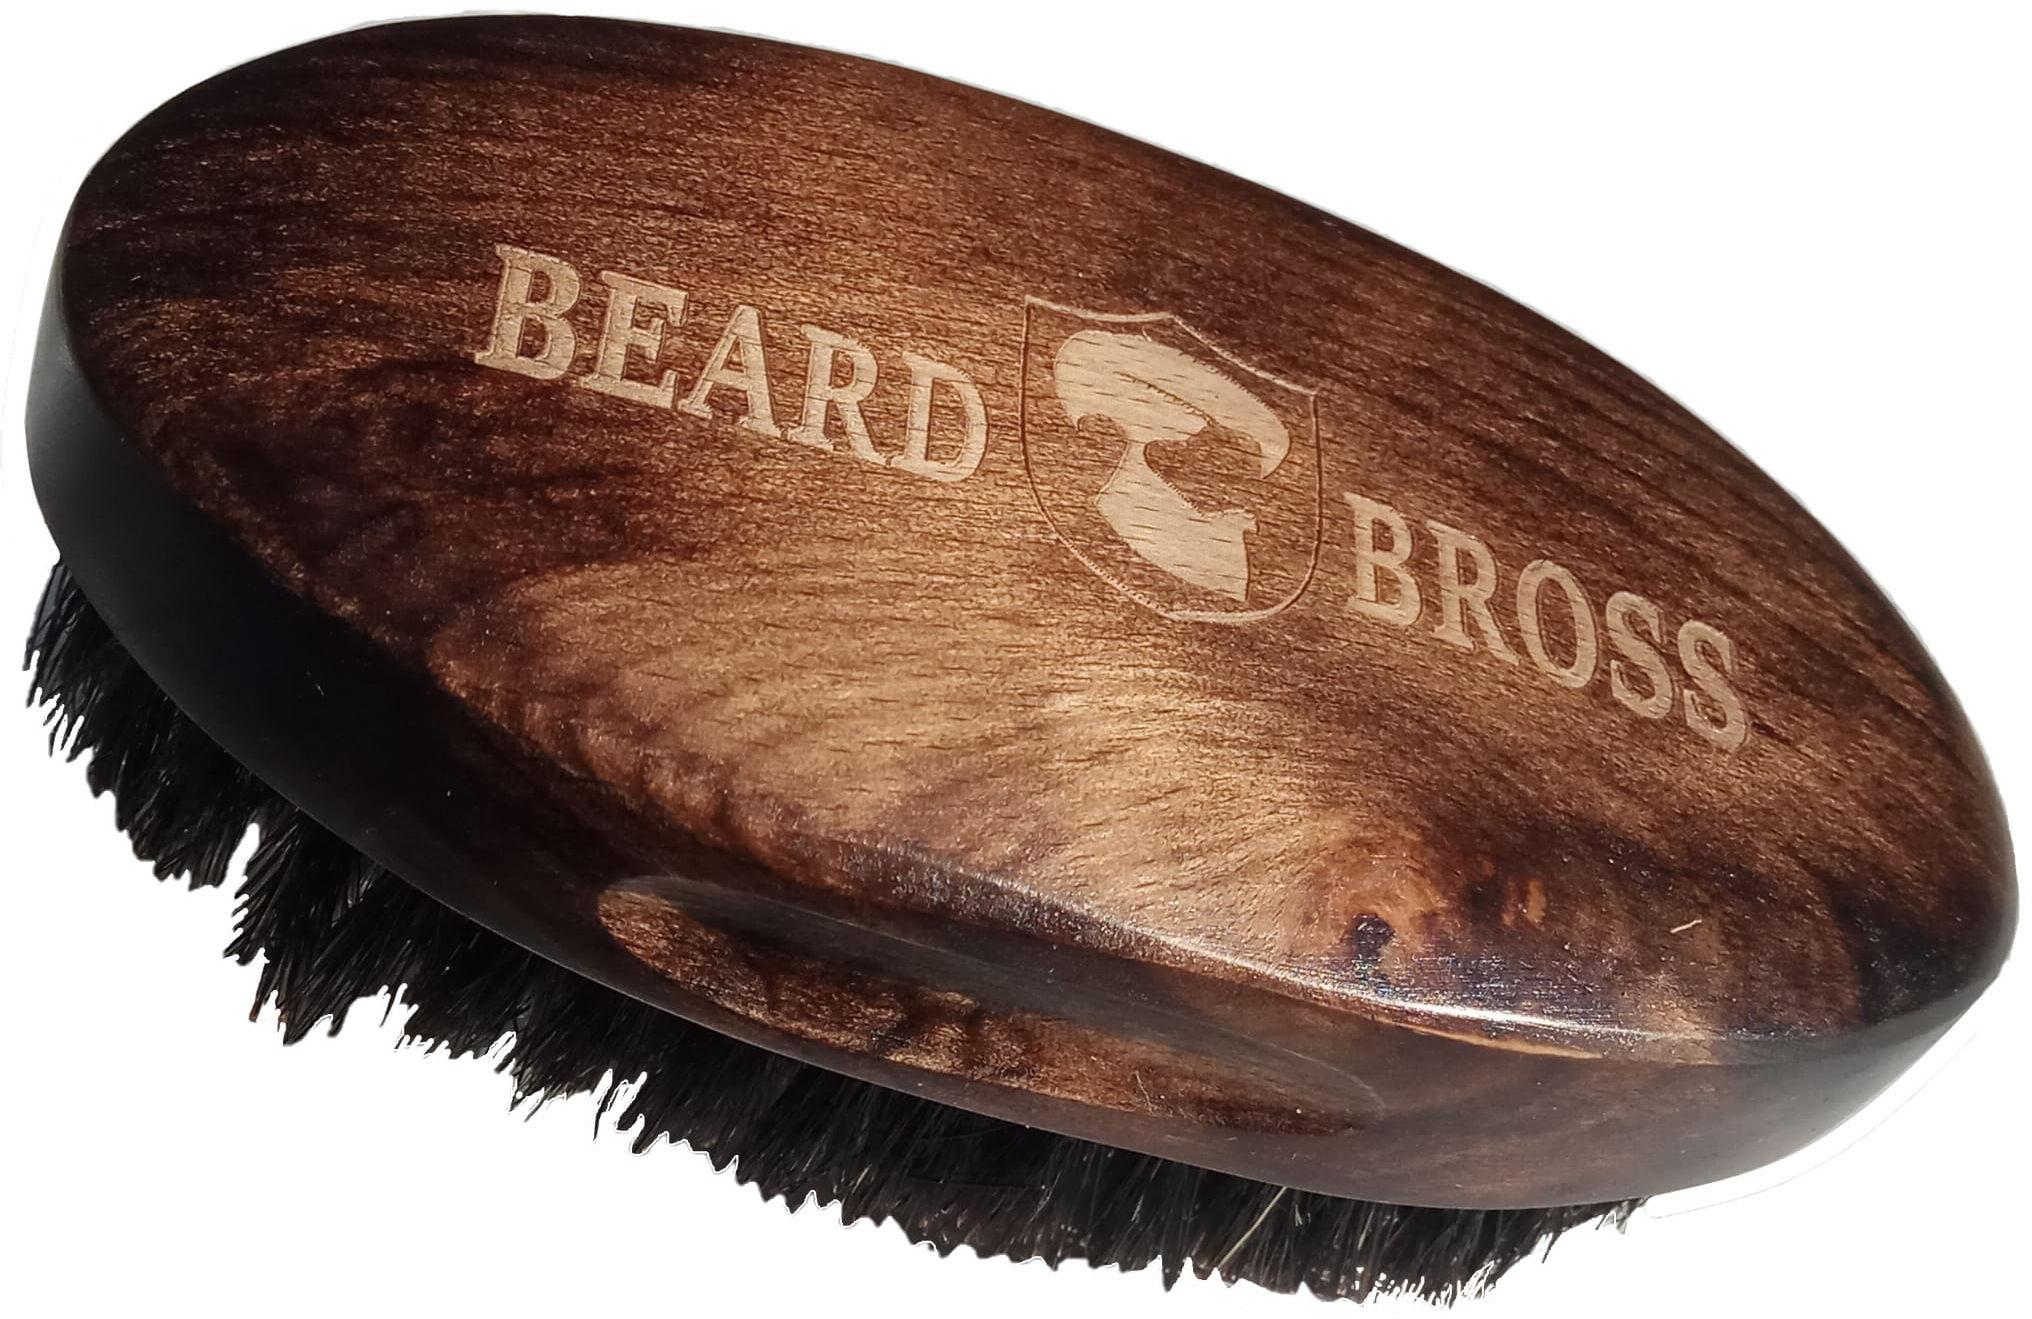 Beard Bross Szczotka KARTACZ DO Brody Naturalne WŁOSIE DZIKA